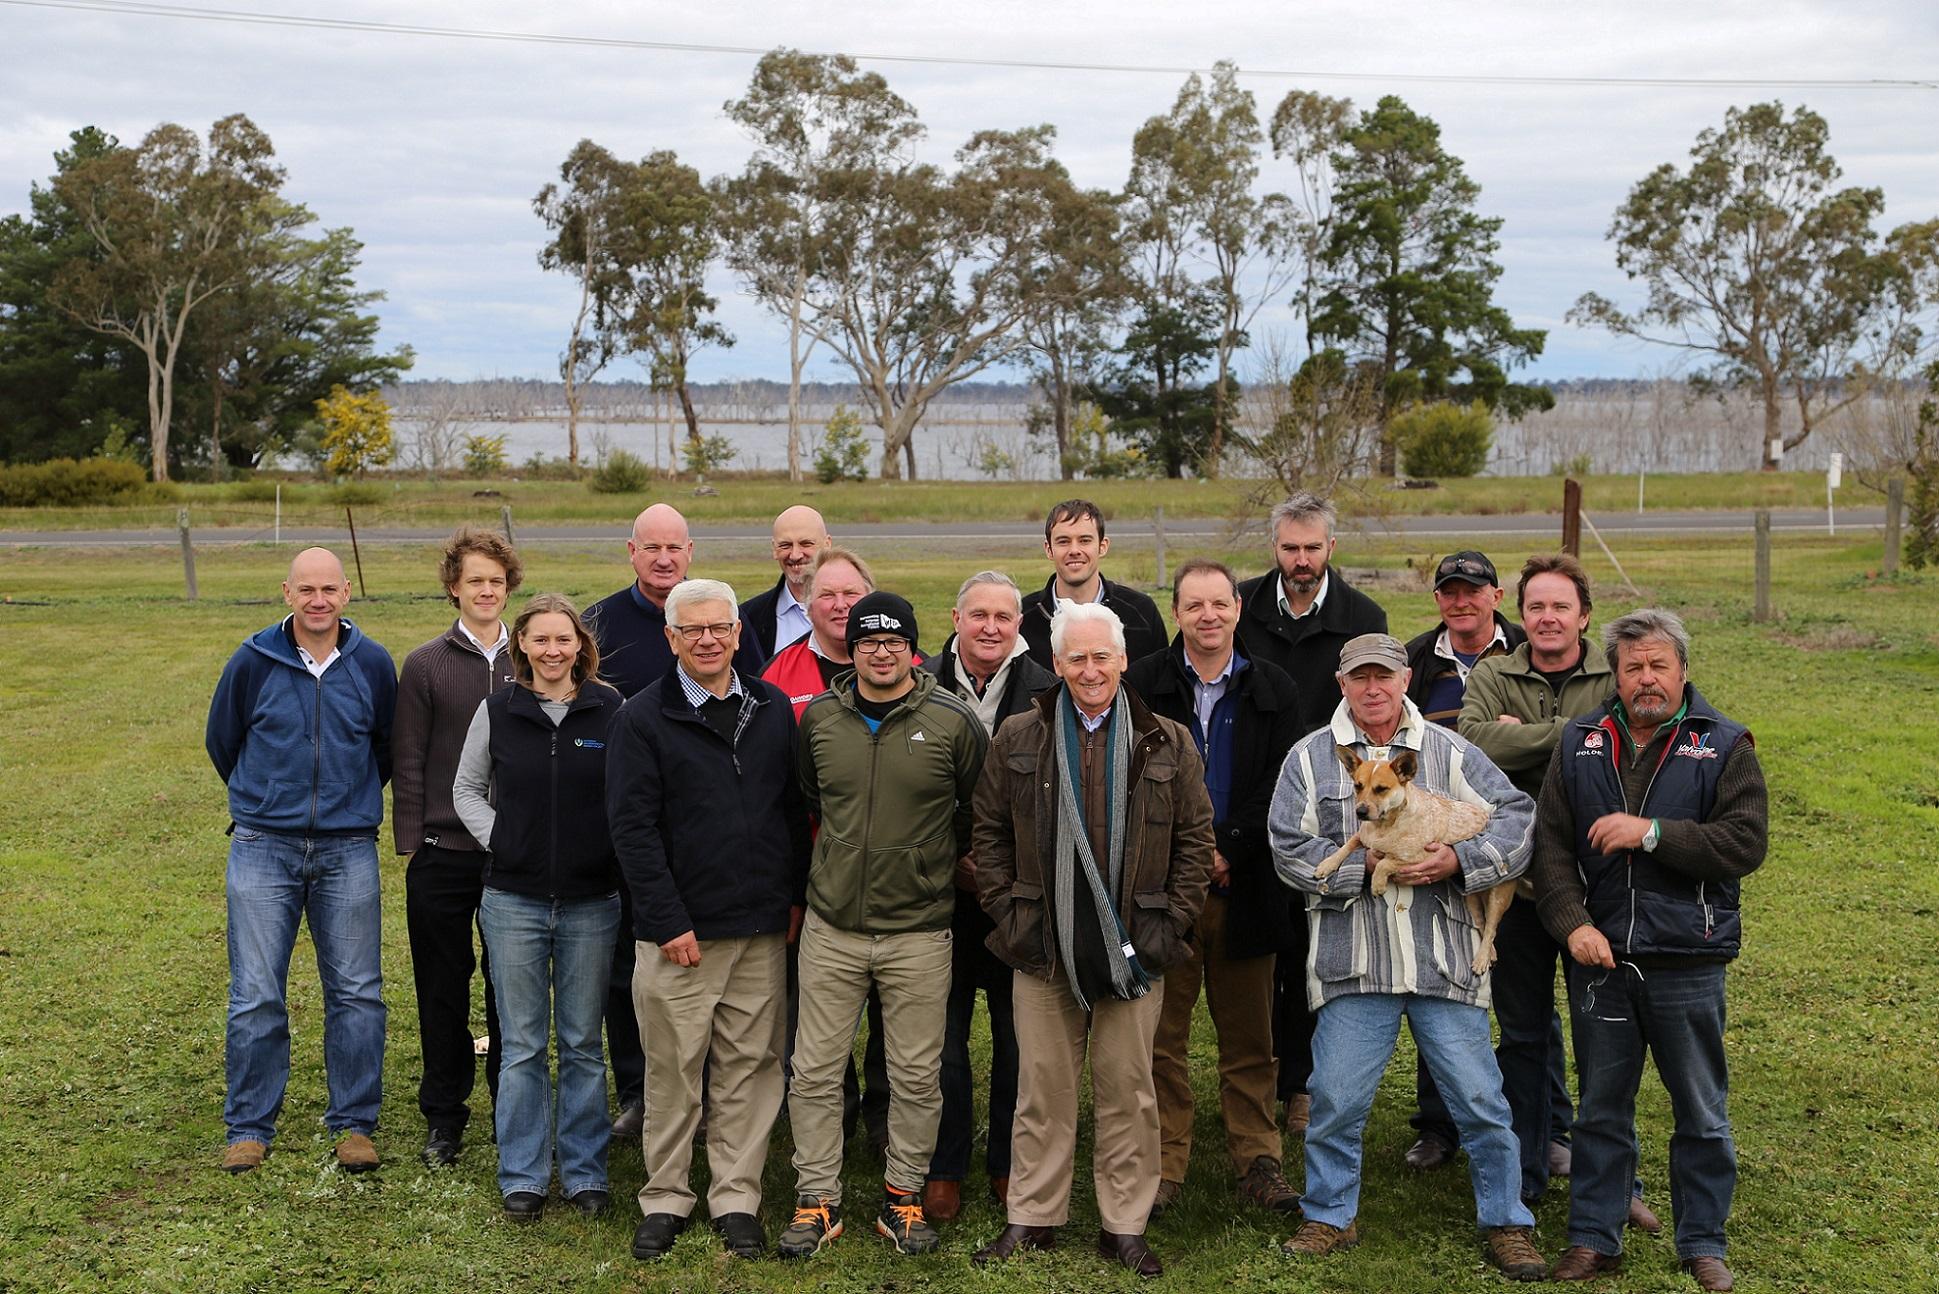 Photo taken outside of the Toolanda Reservoir Fishing Advisory Group